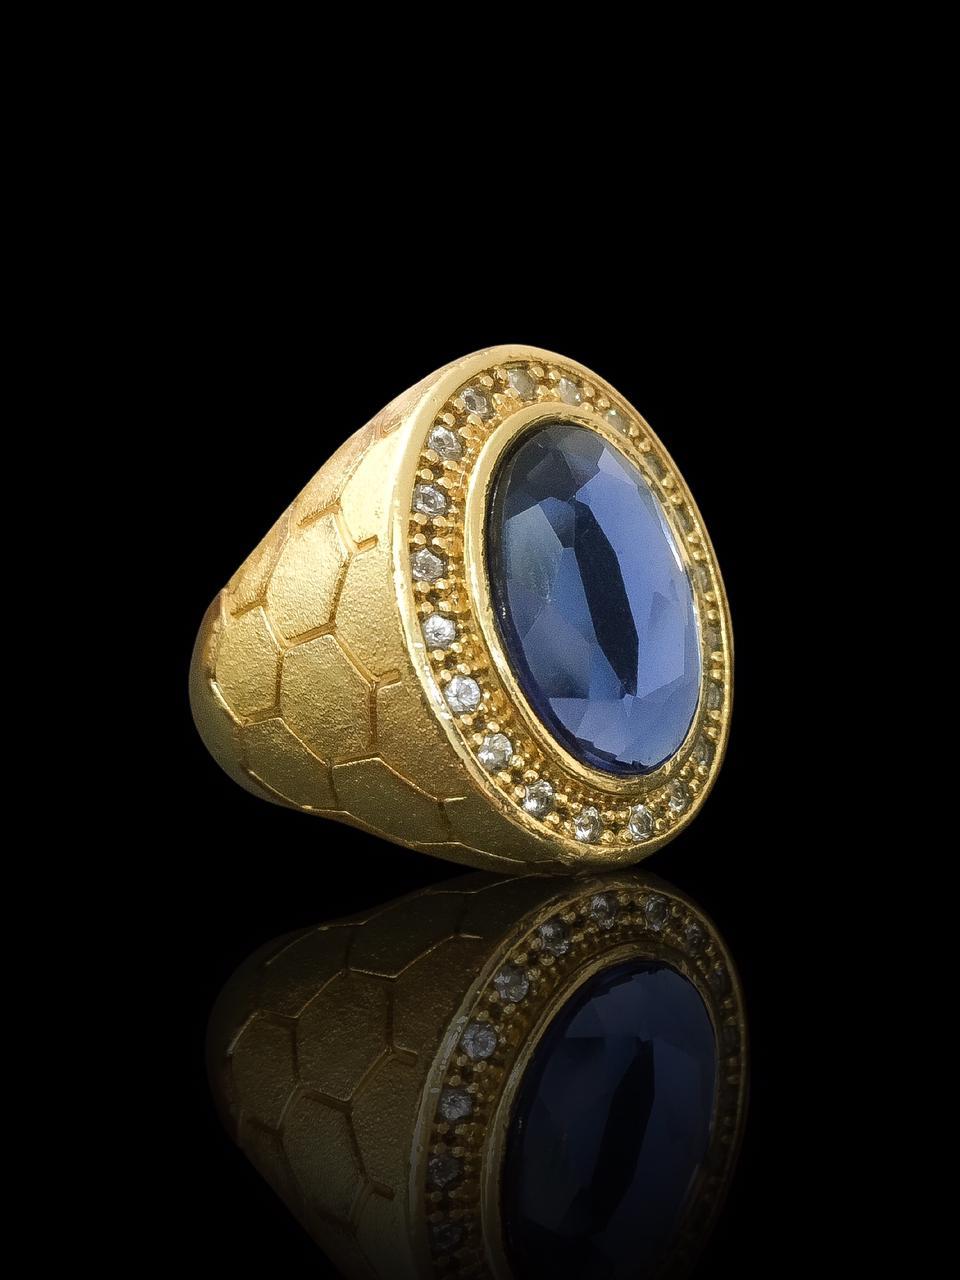 Anel masculino - Oval com Pedra azul 20- Borda cravejada de Zircônia - Detalhes nas laterais - banhado a ouro 18K -  20 g (prazo de 7 dias para a fabricação  )